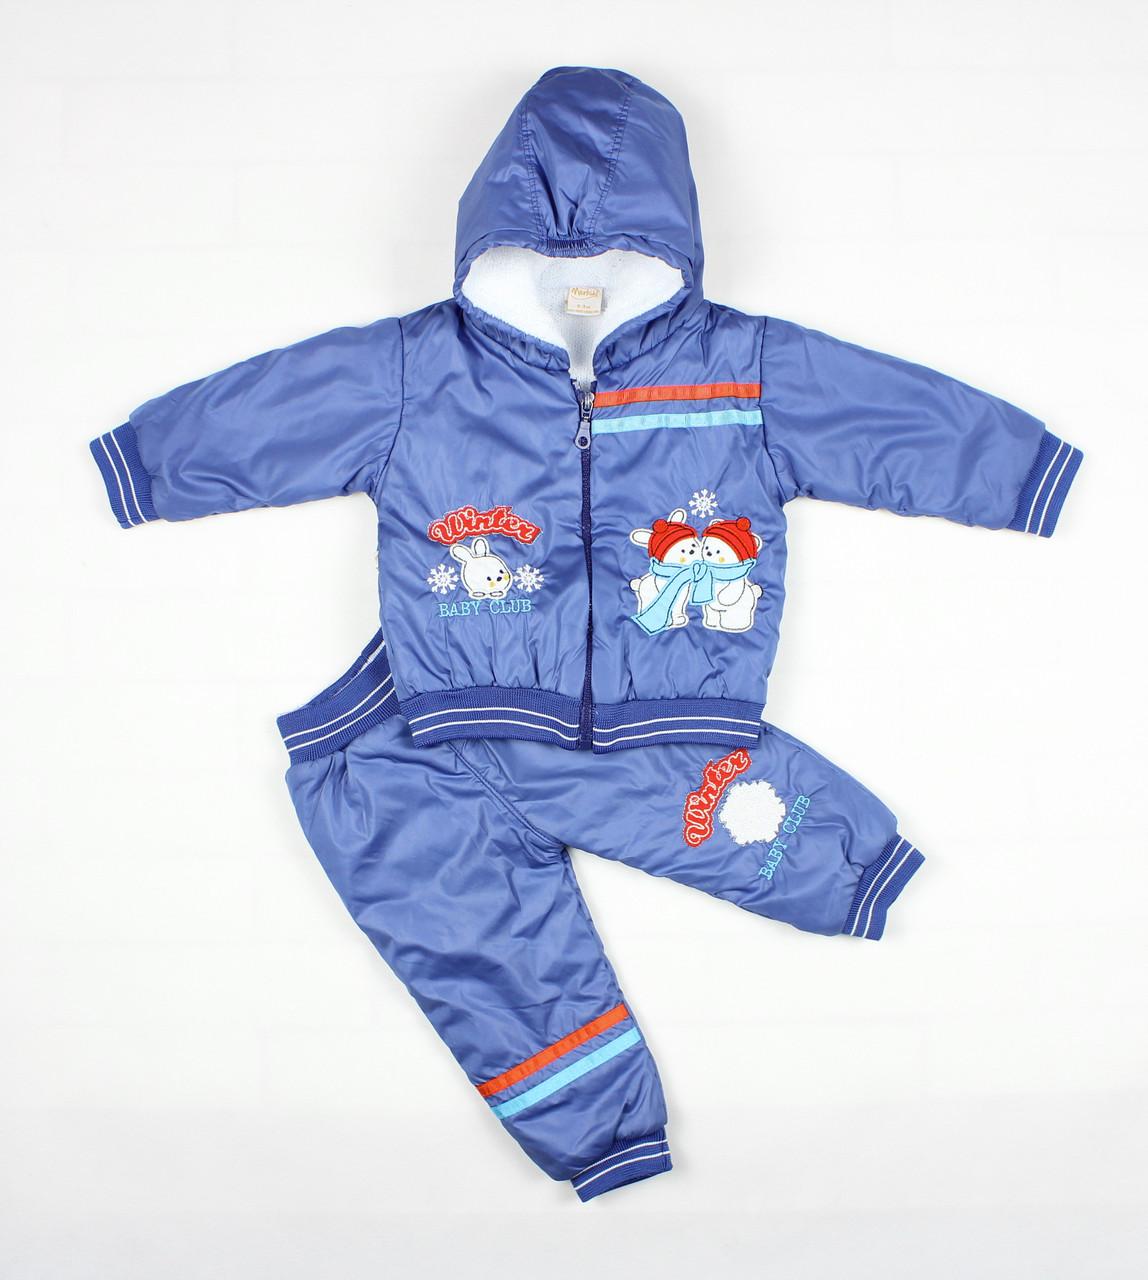 Детский утепленный зимний костюм из непромокаемой плащевой ткани синего цвета